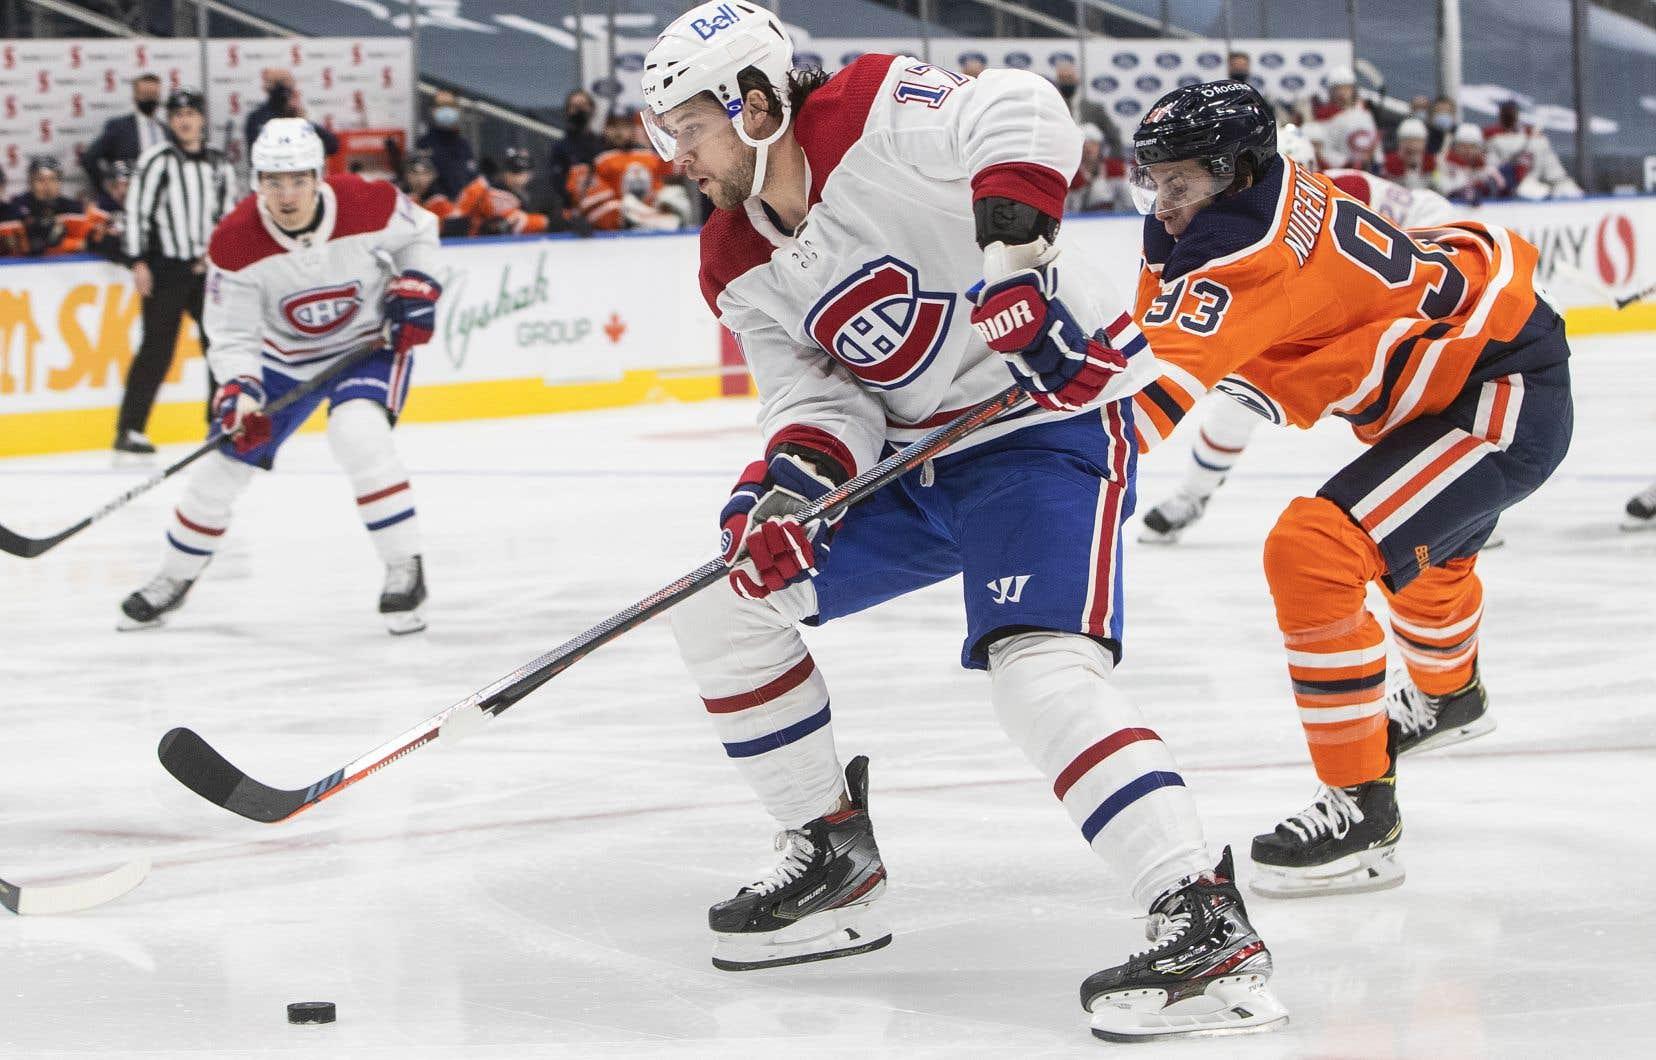 L'unité d'infériorité numérique du Canadien a tenu en échec l'attaque massive des Oilers pour une deuxième fois de suite.